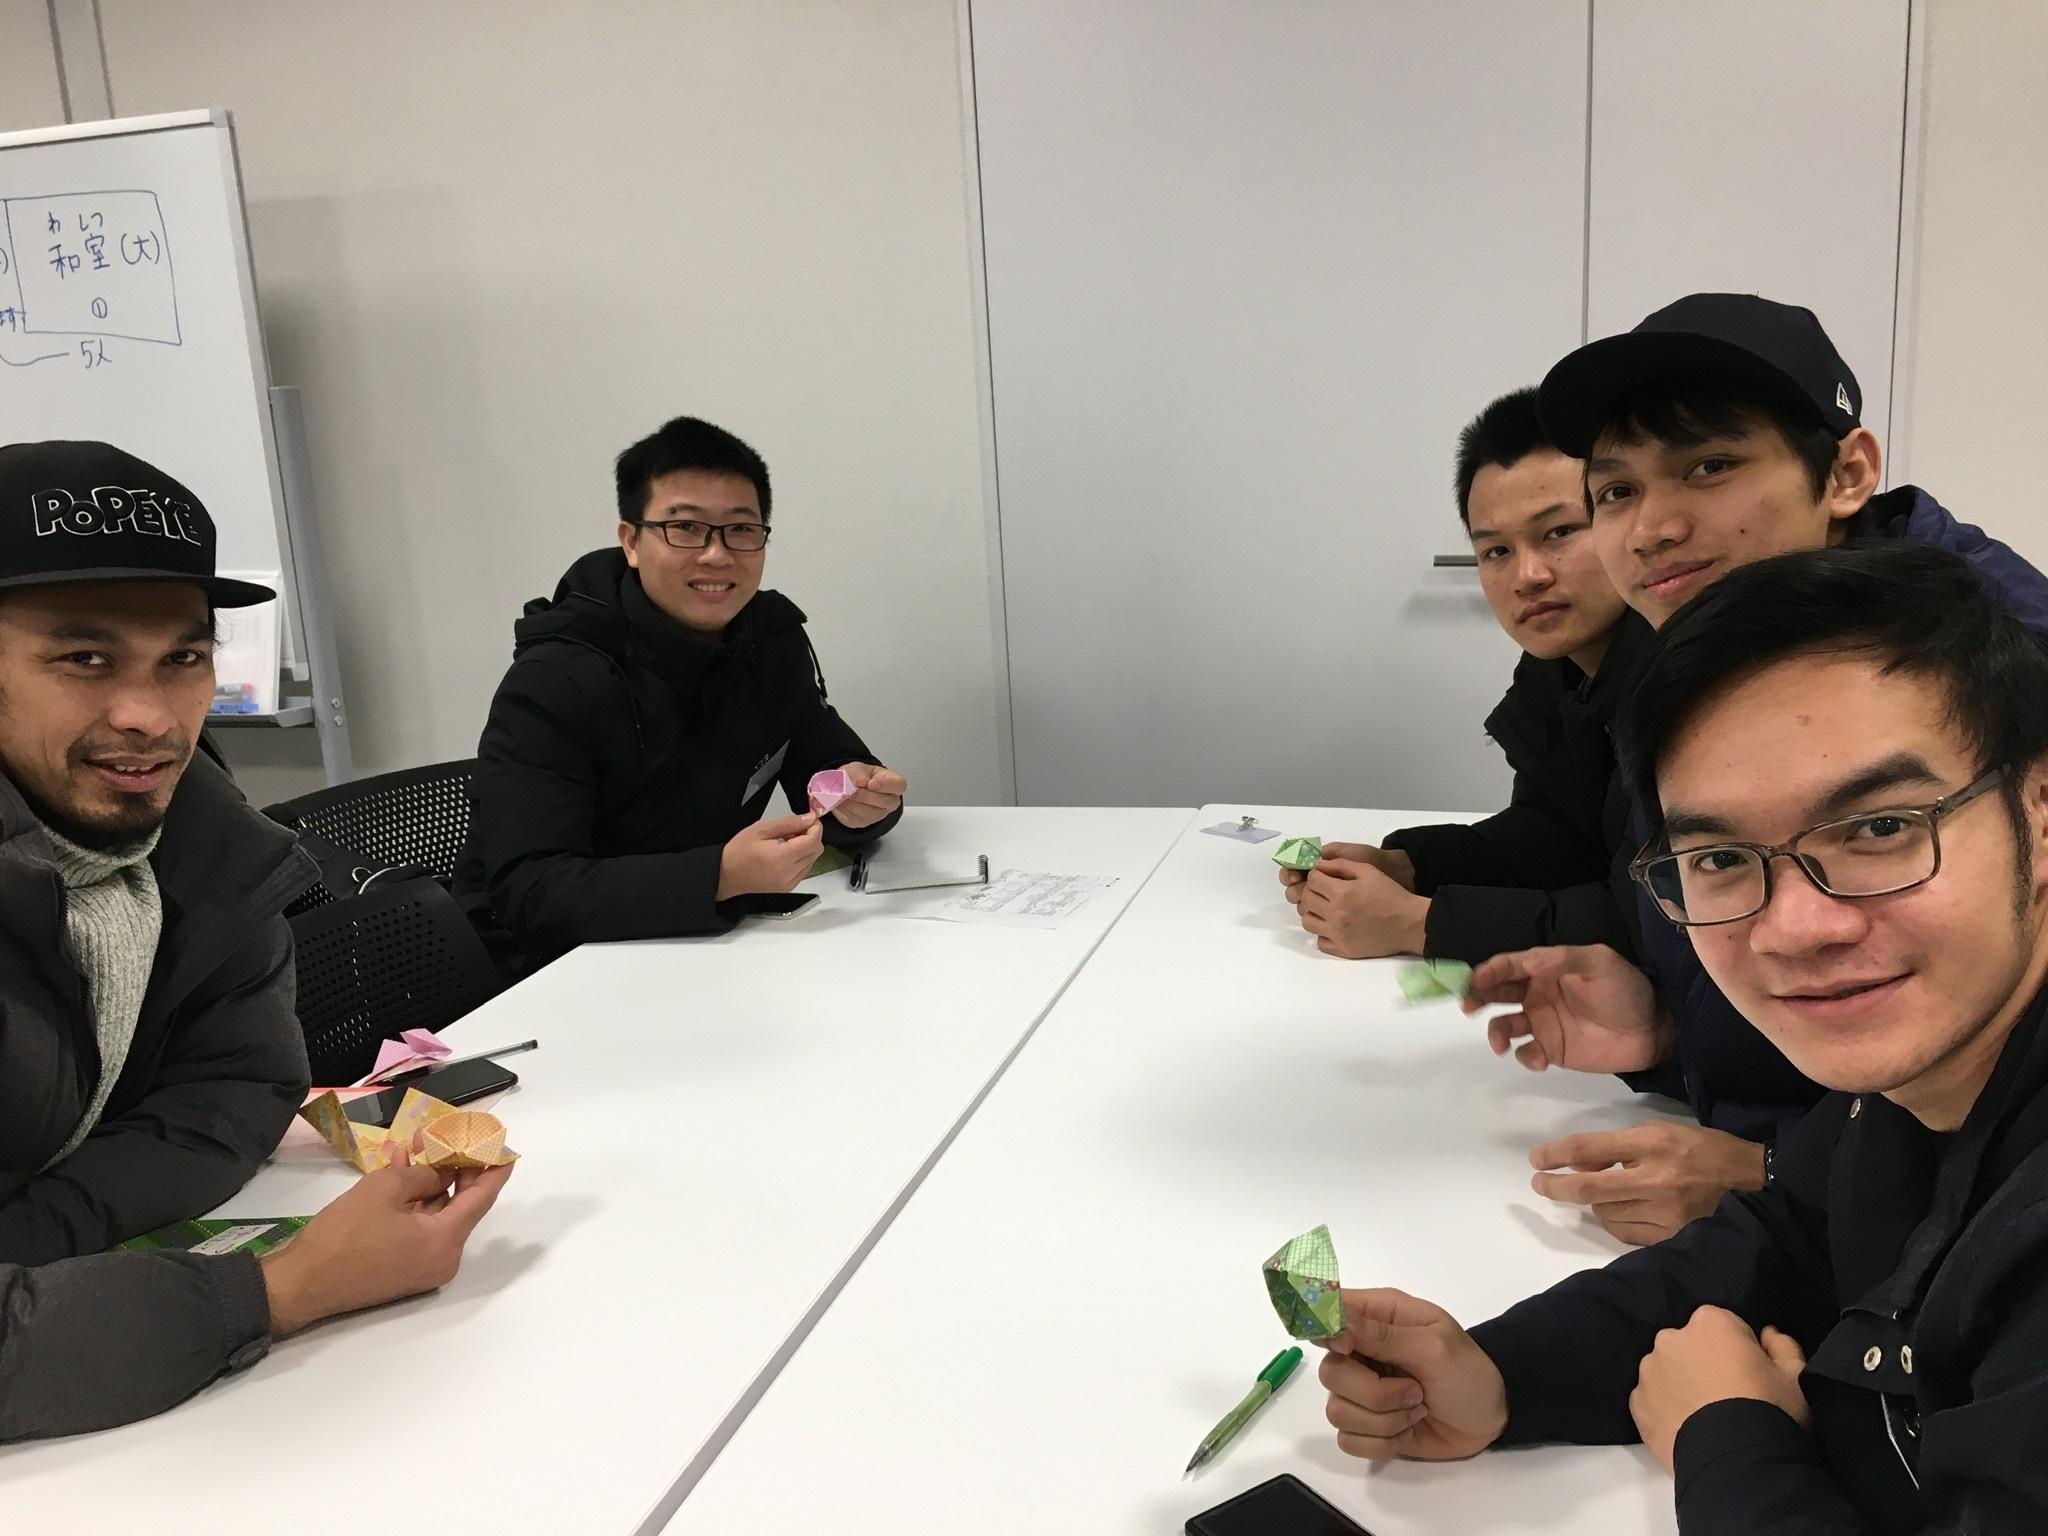 日曜朝教室(2019.12.22)お茶会🍵_e0175020_10153176.jpeg